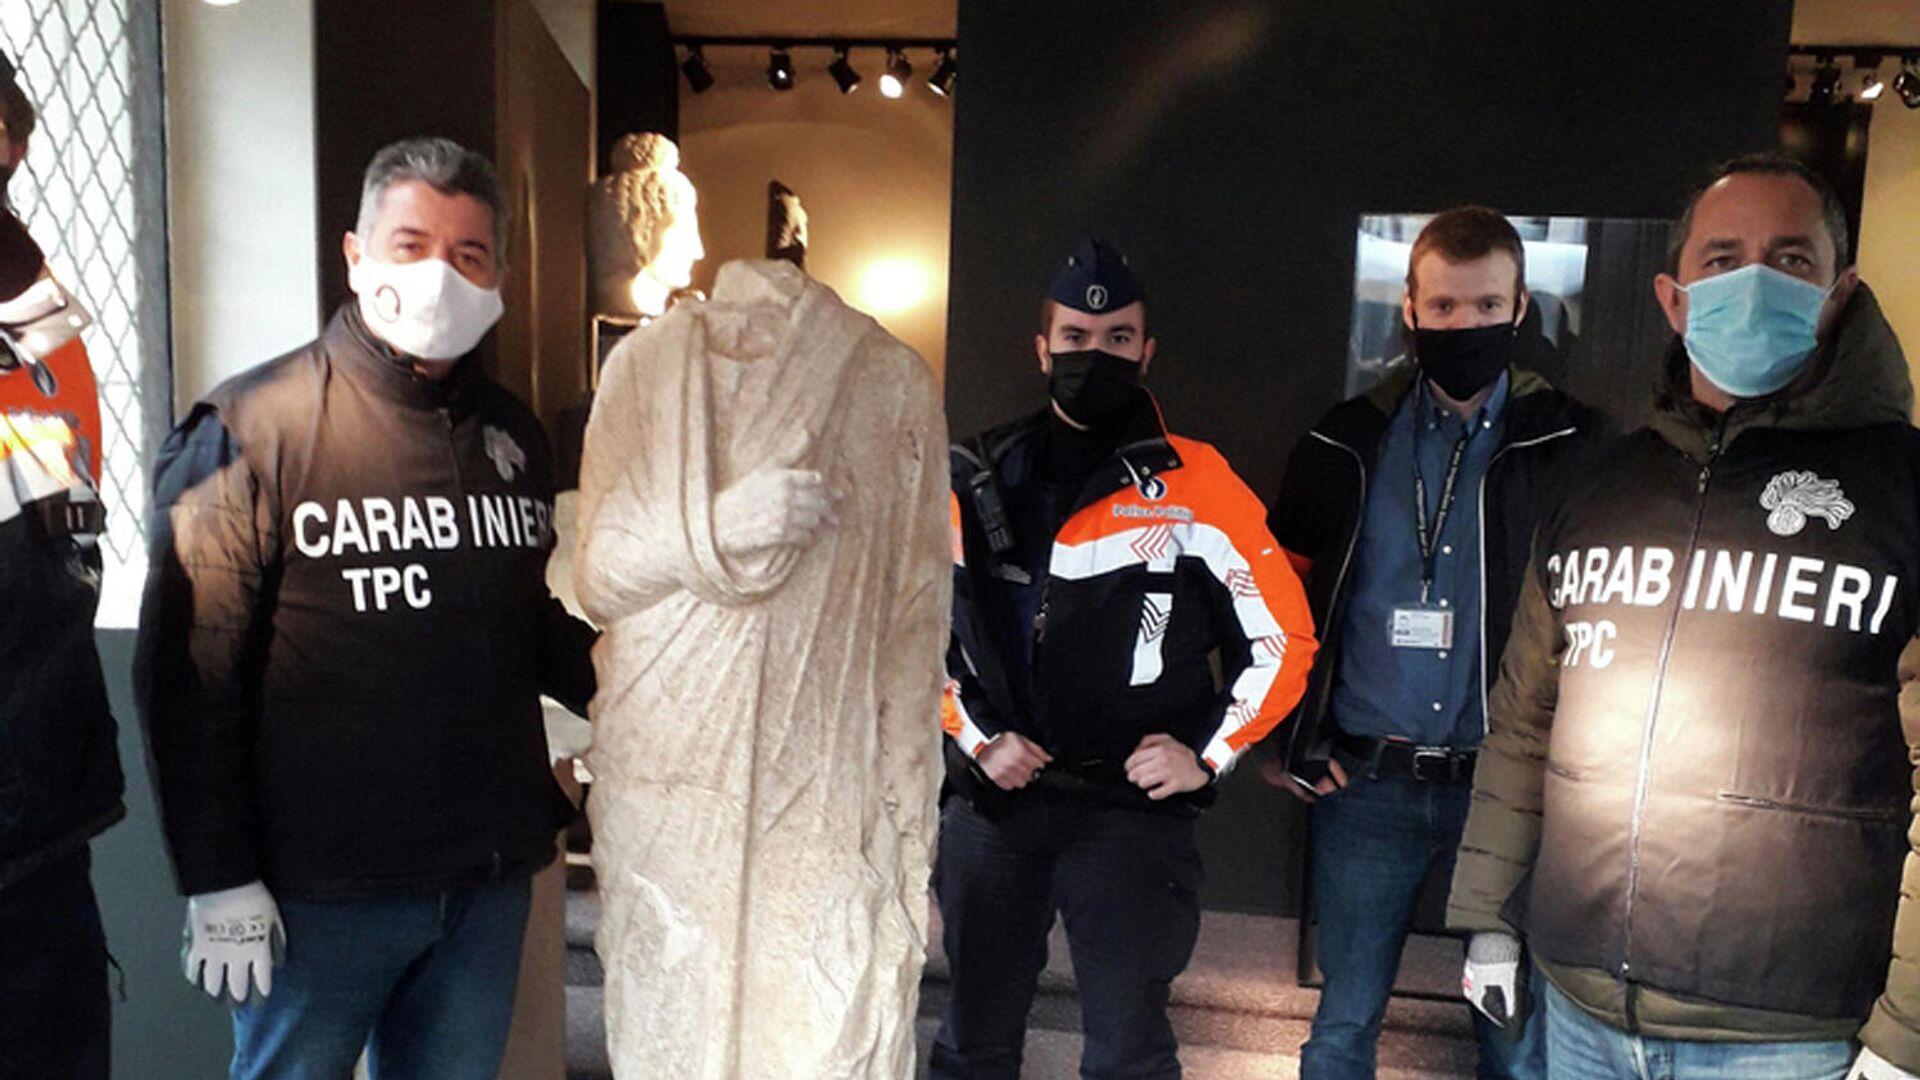 Итальянские карабинеры с древнеримской статуей, обнаруженной в антикварном магазине в Брюсселе - РИА Новости, 1920, 14.04.2021